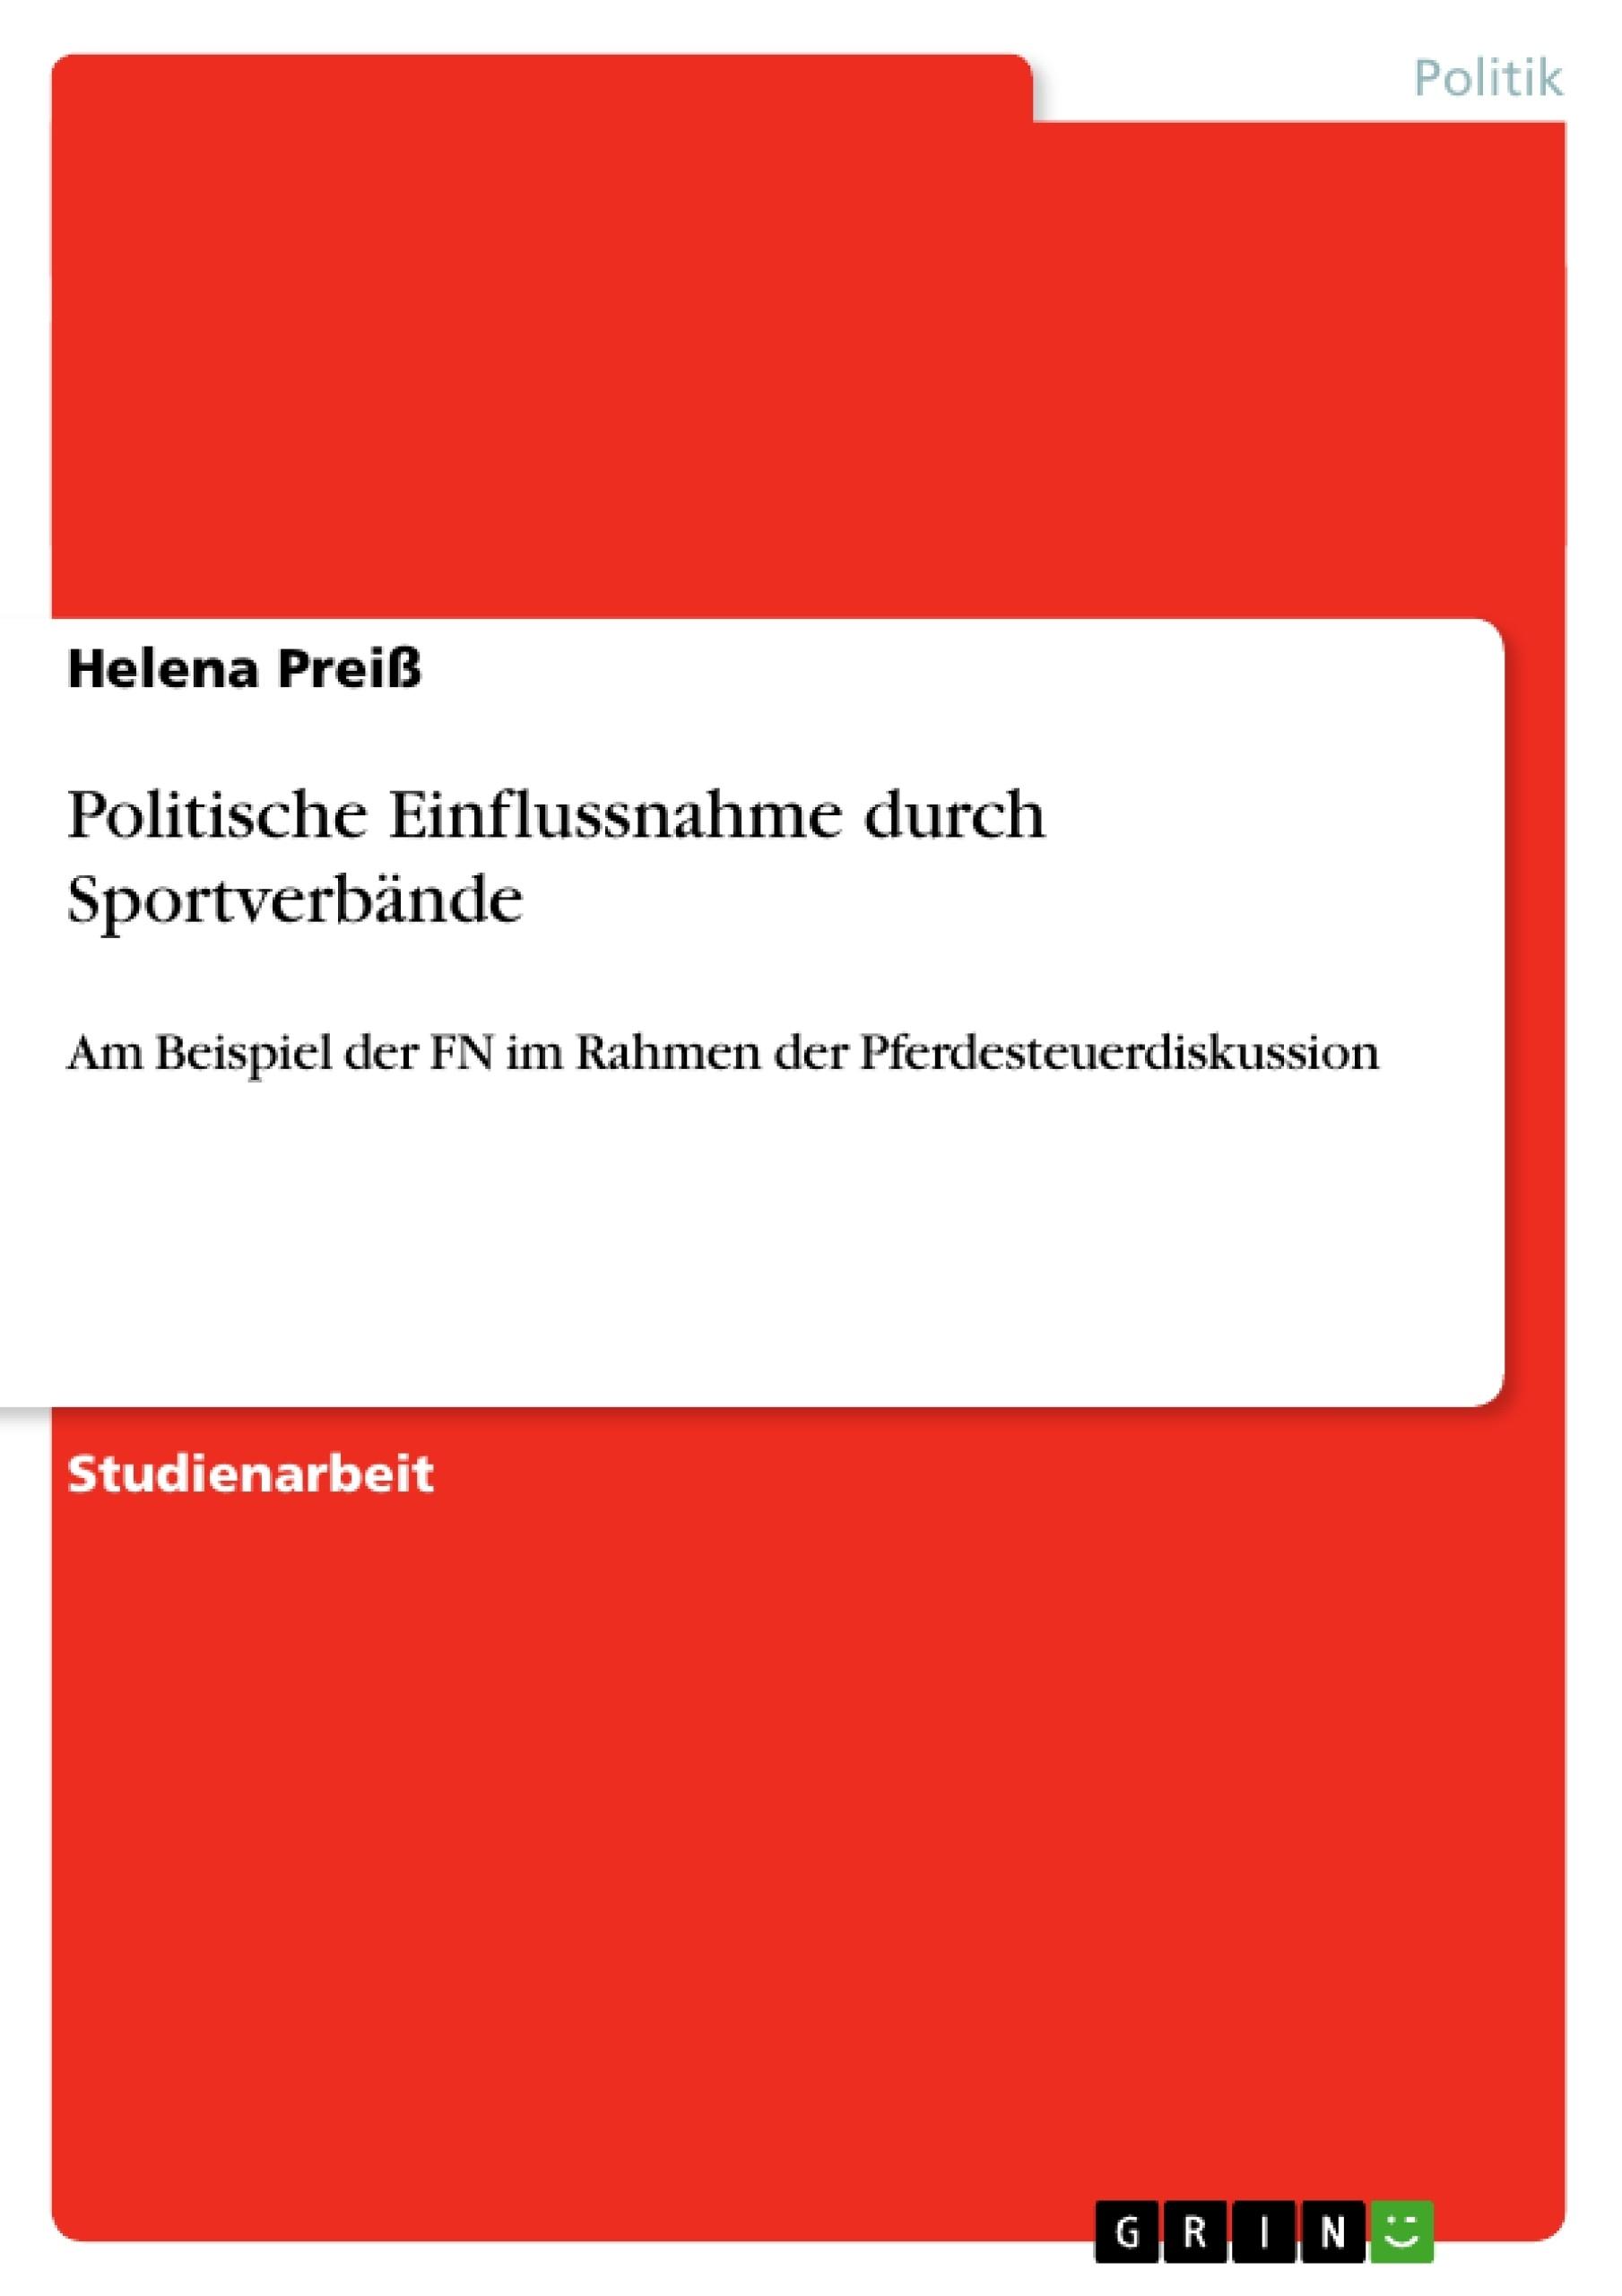 Politische Einflussnahme durch Sportverbände | Masterarbeit ...